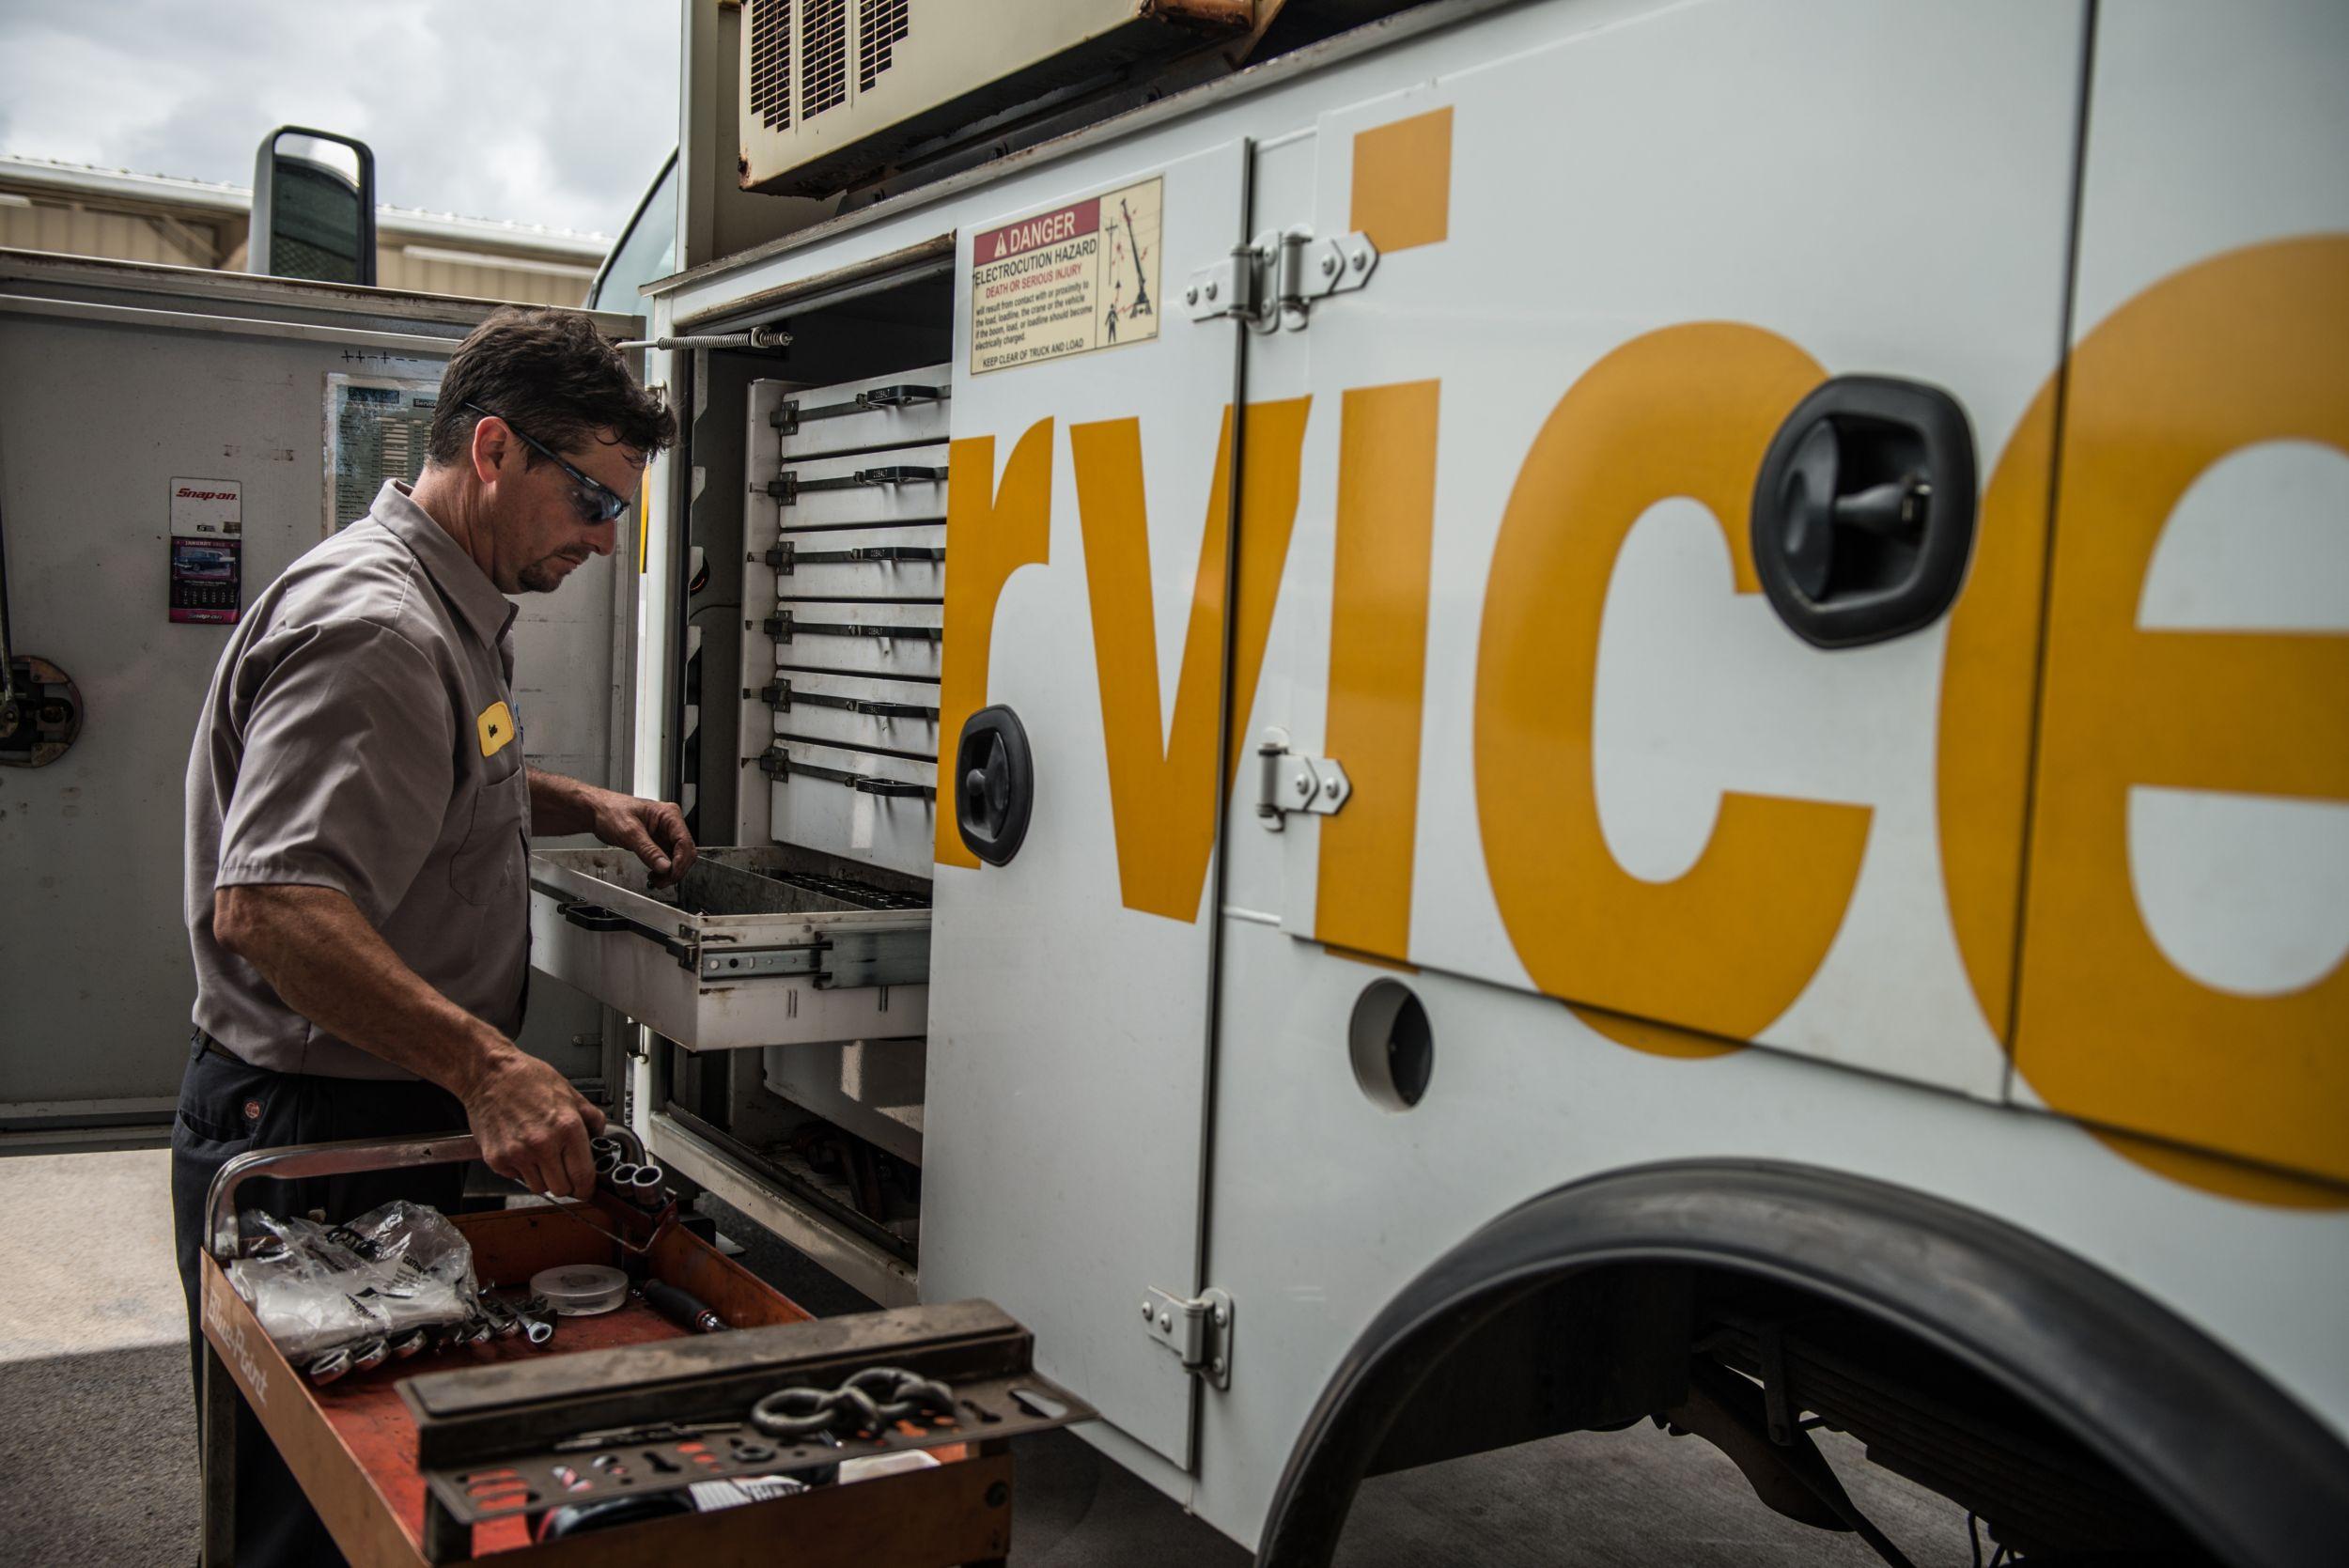 Dealer Technician at Service Truck